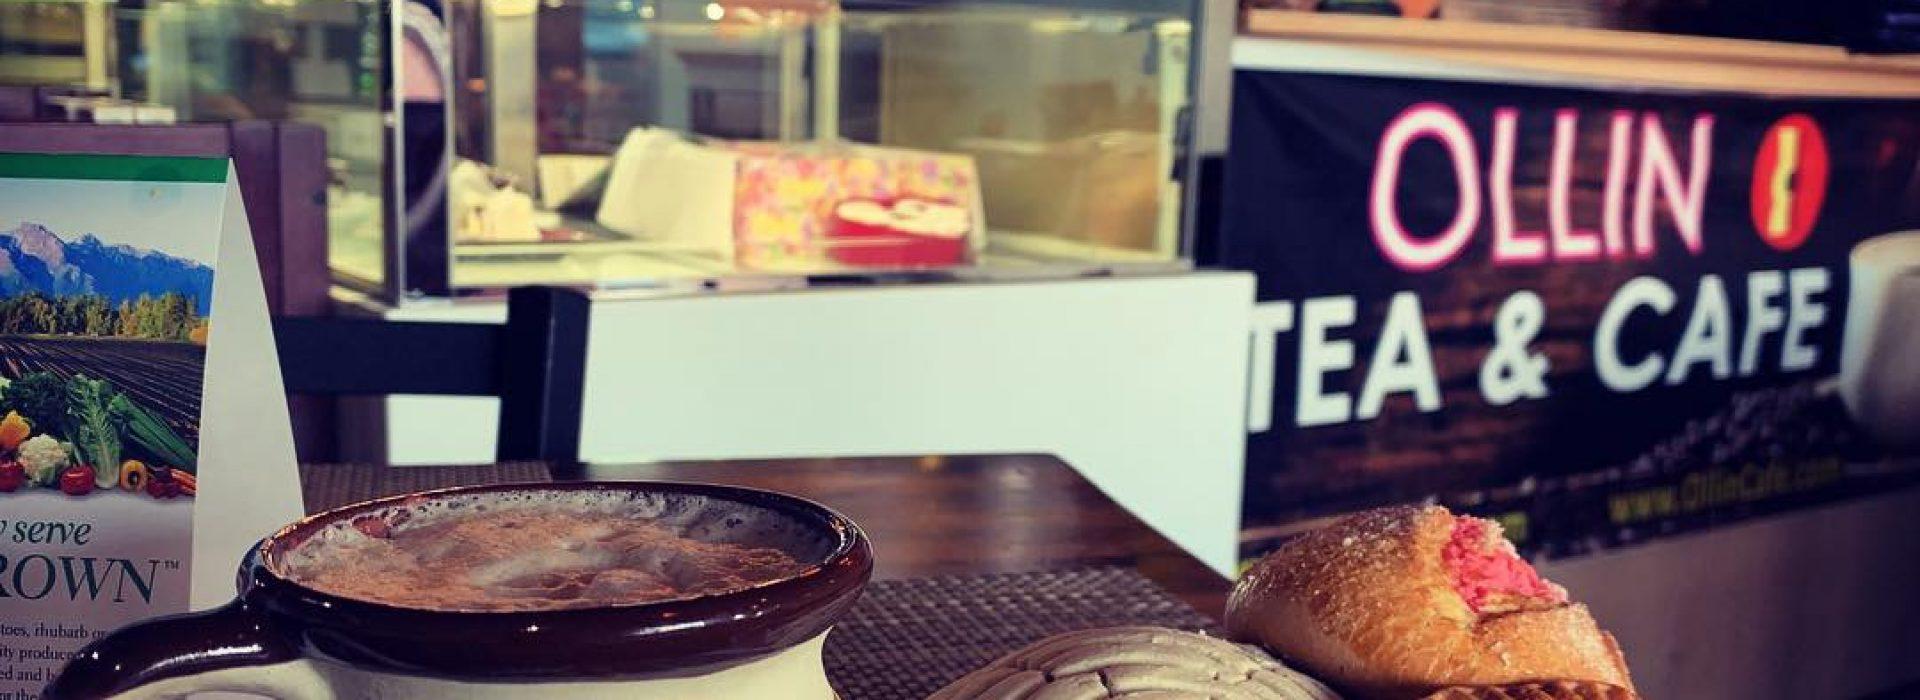 Ollin Tea and Cafe